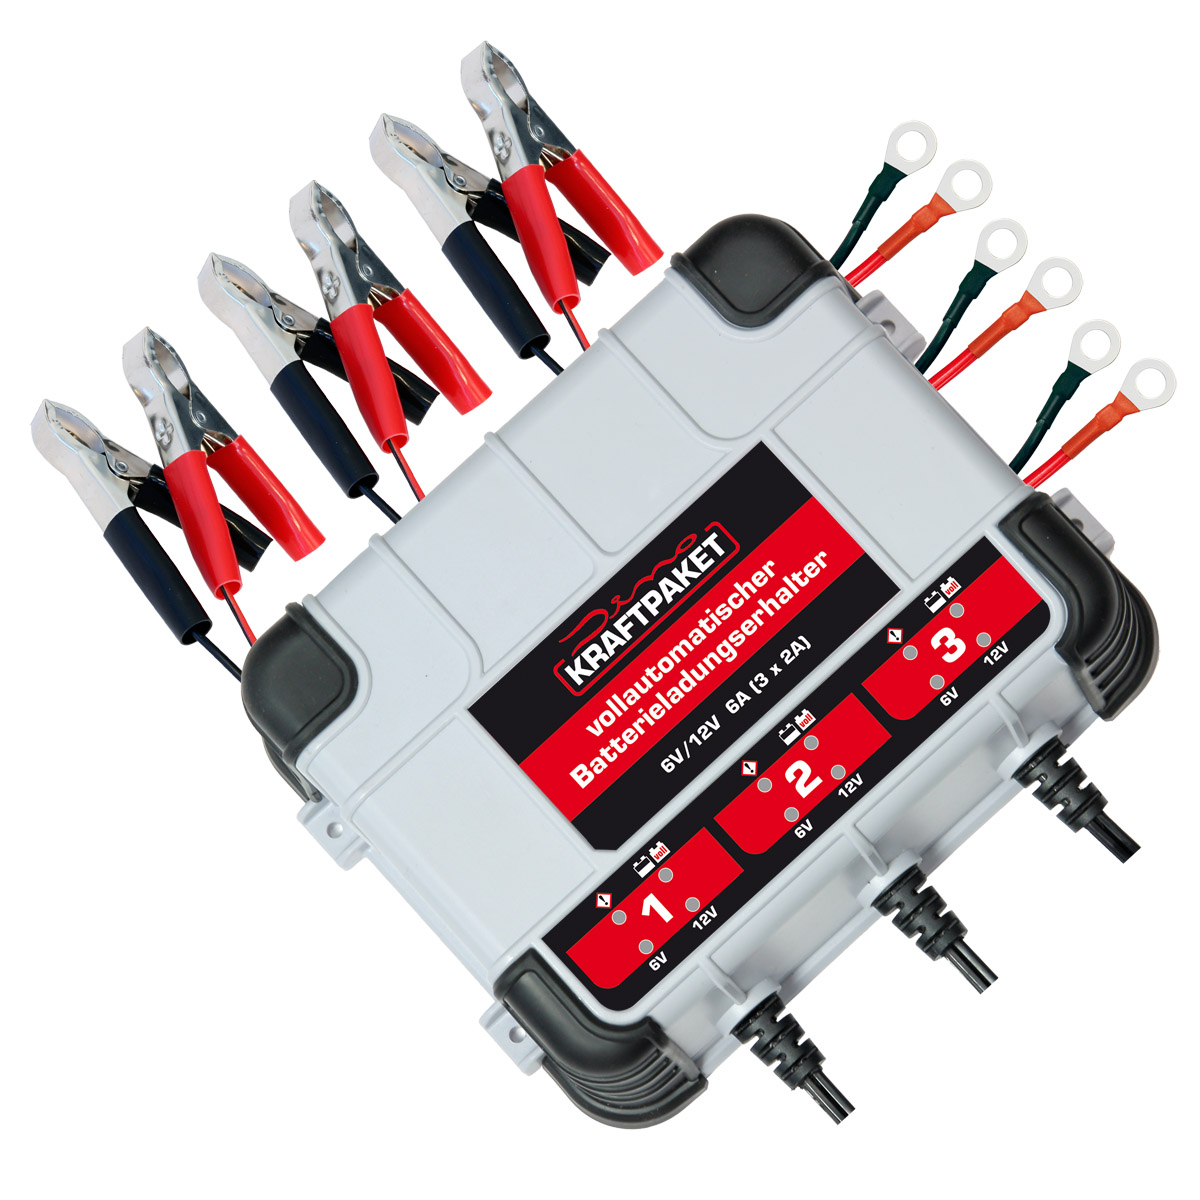 Dino Kraftpaket Kfz Motorrad Batterieladegerät Erhaltungsladegerät 6/12V 3x 2A